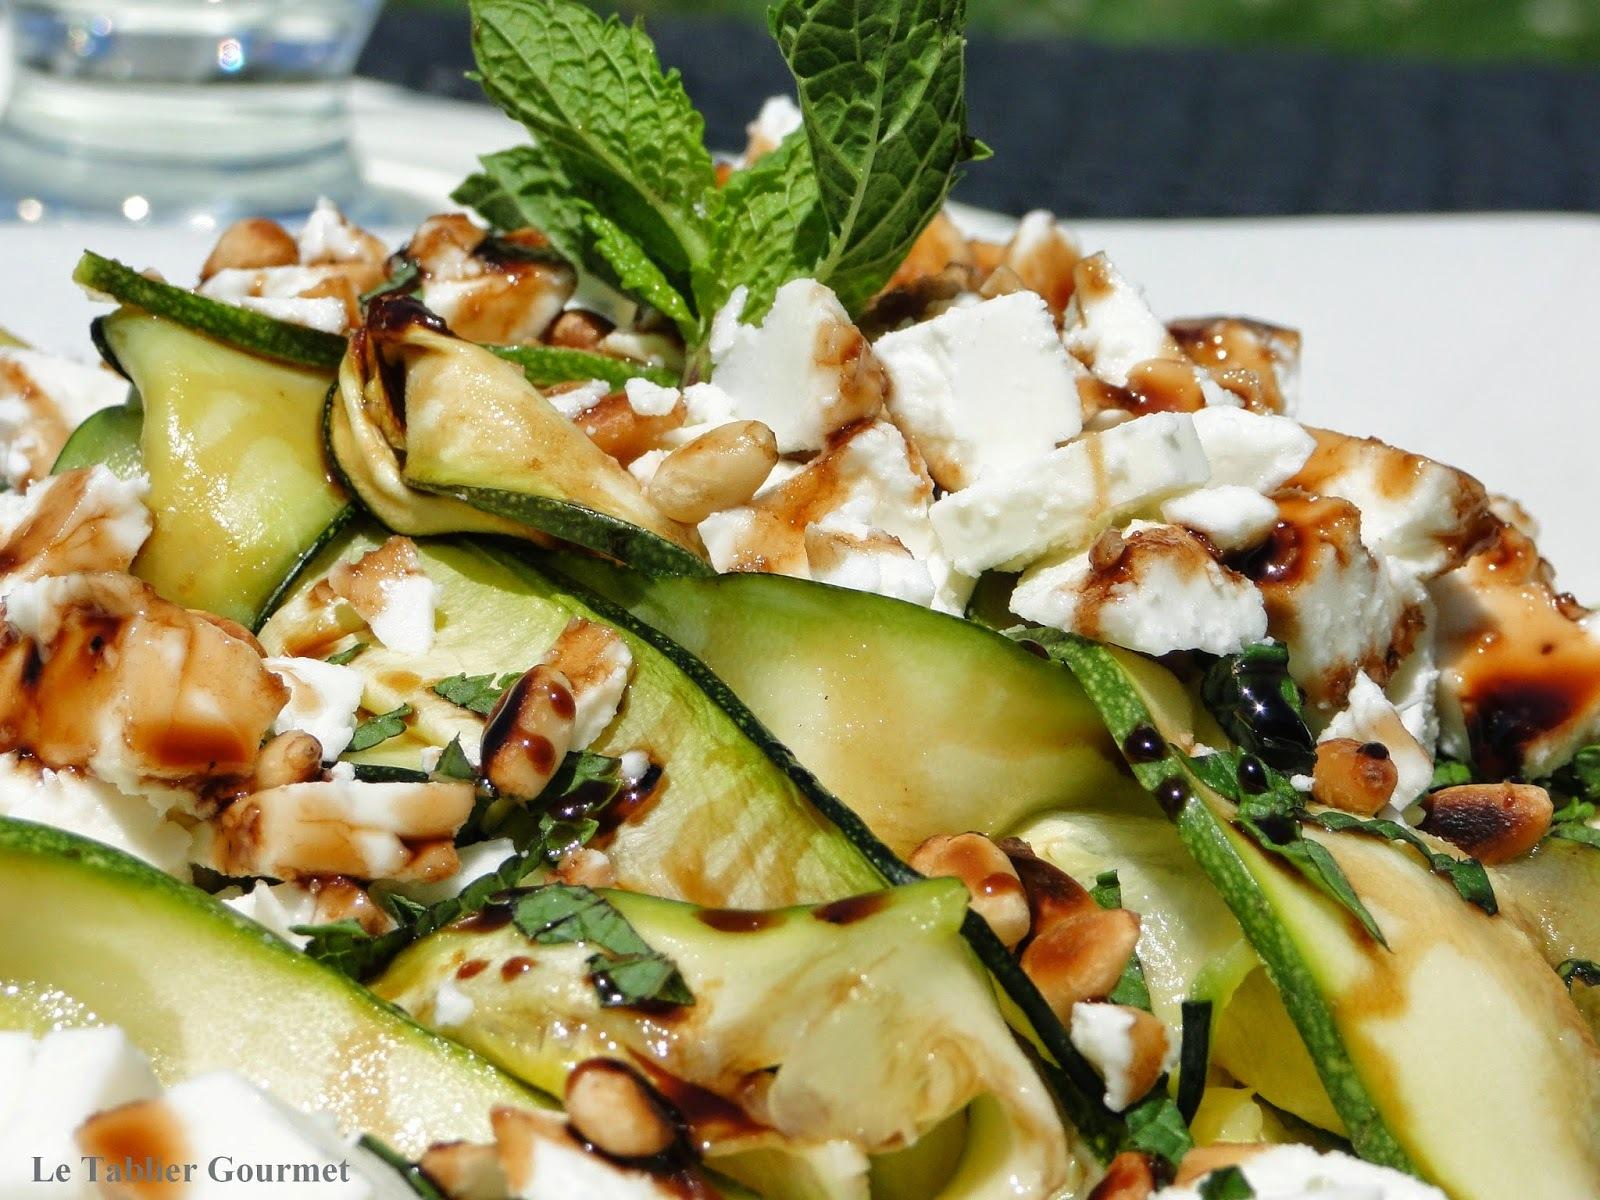 Courgettes, feta, pignons de pin, menthe et balsamique : la salade fraicheur et bio de Valérie